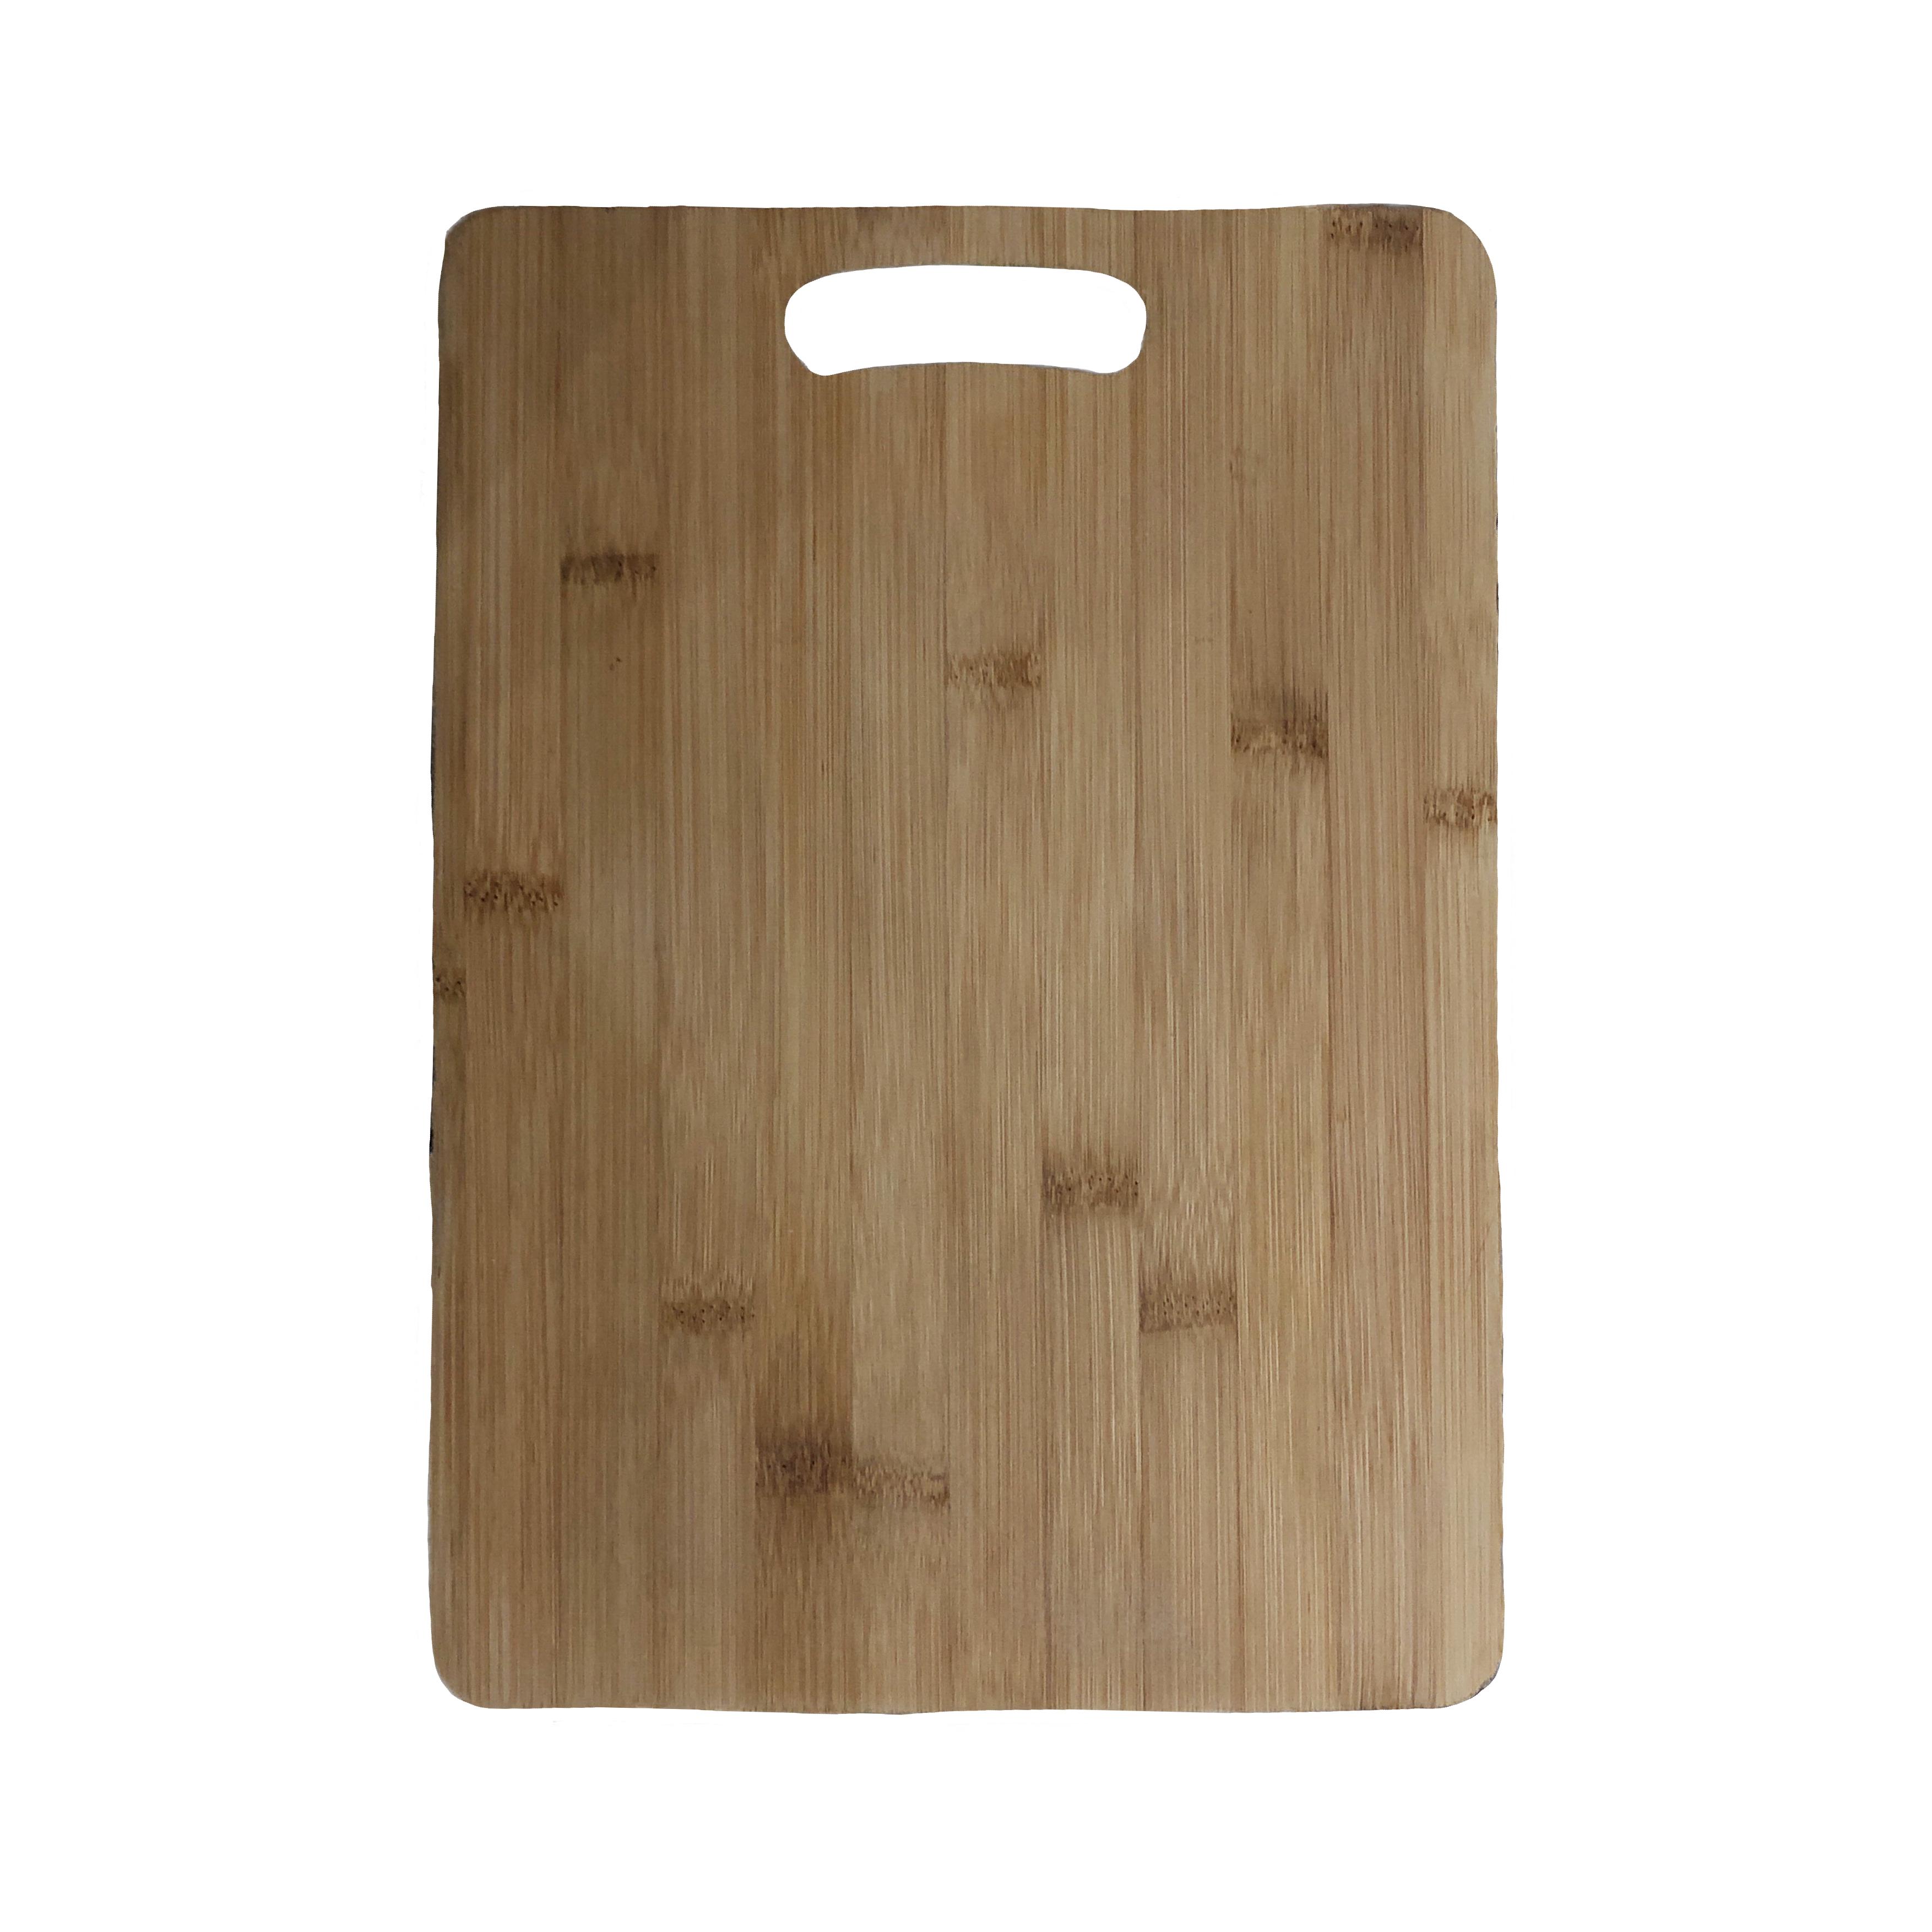 Bamboo bling board